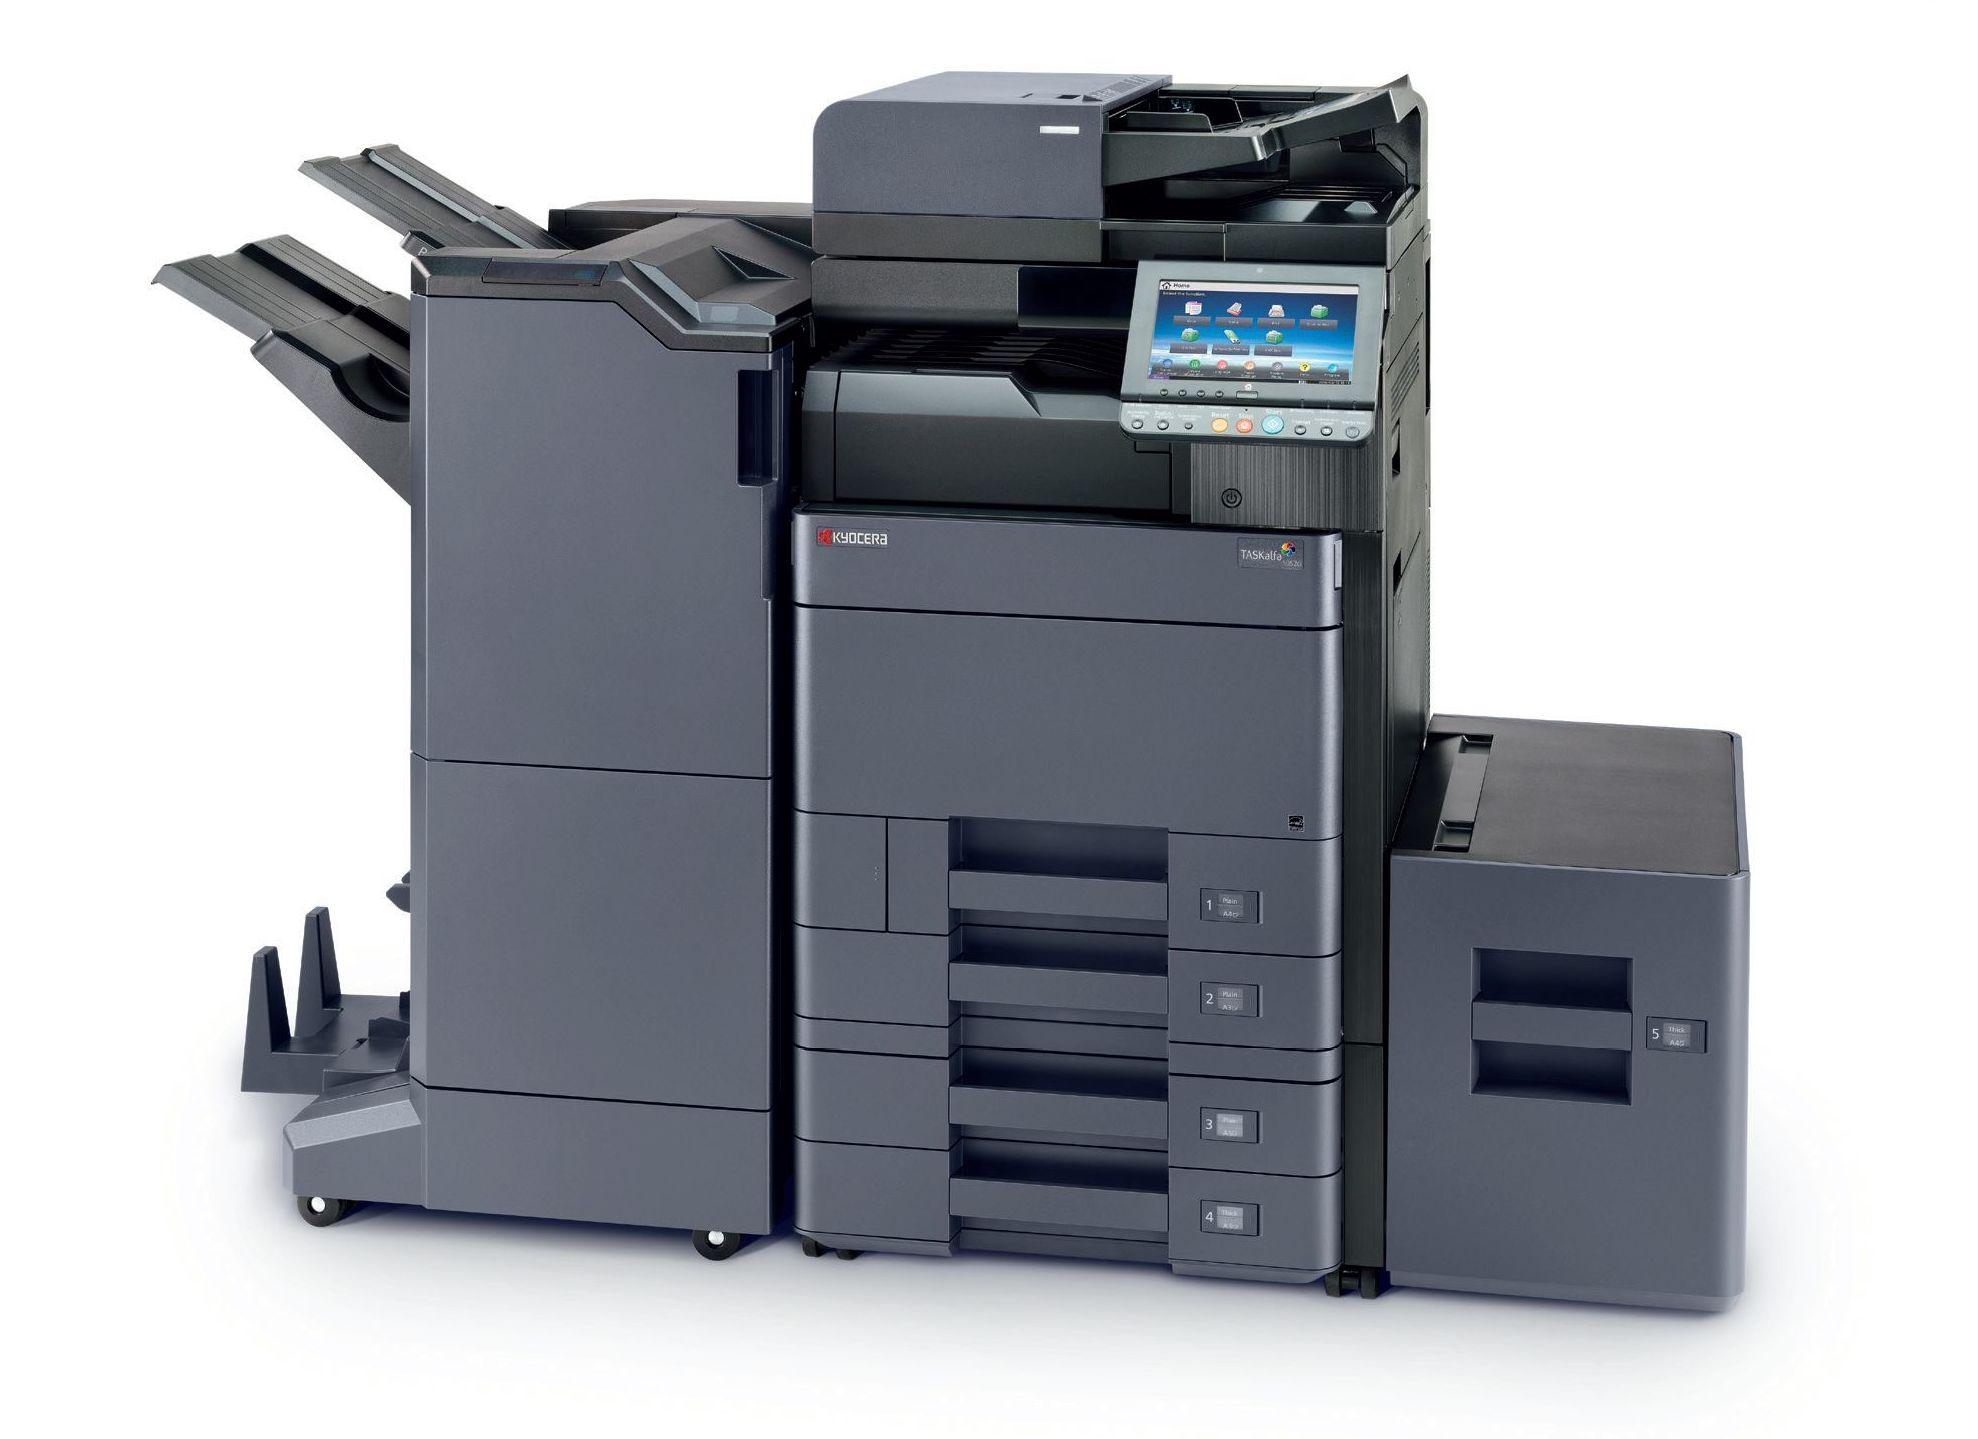 Fotocopiadoras kyocera en Alava